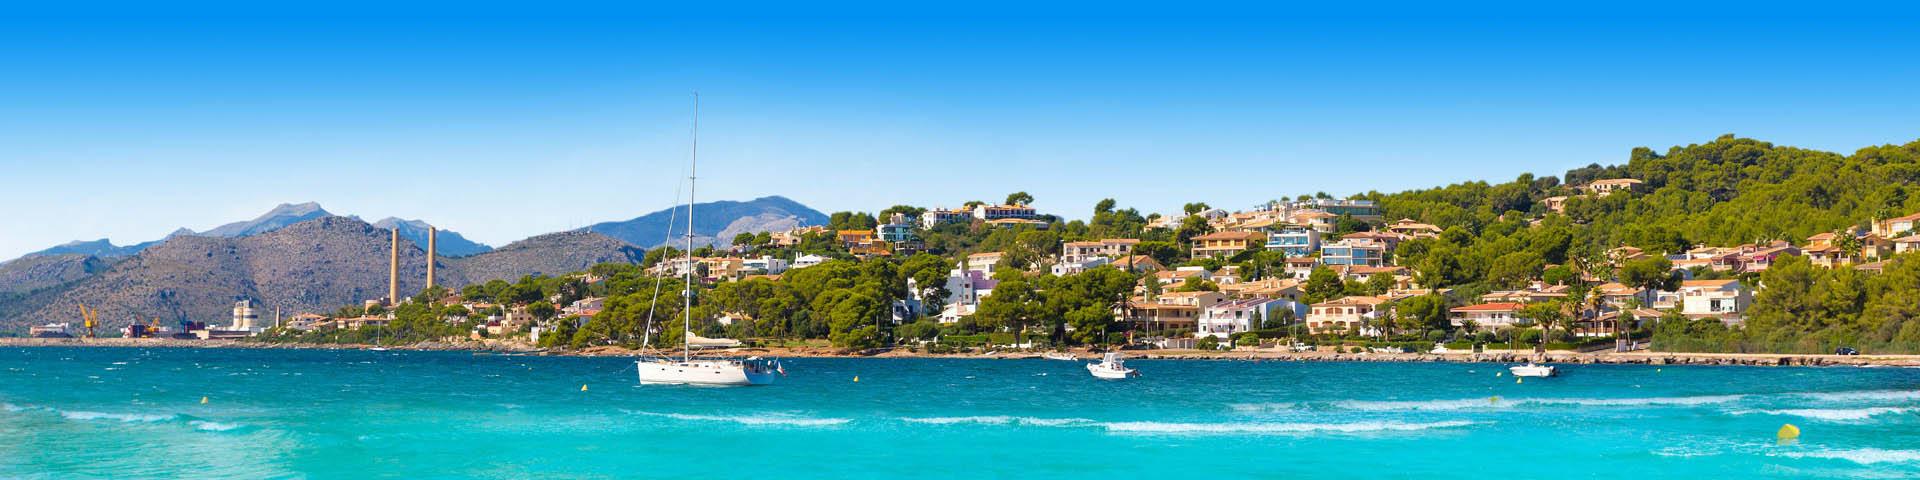 Bootjes in de havan van Alcudia op Mallorca